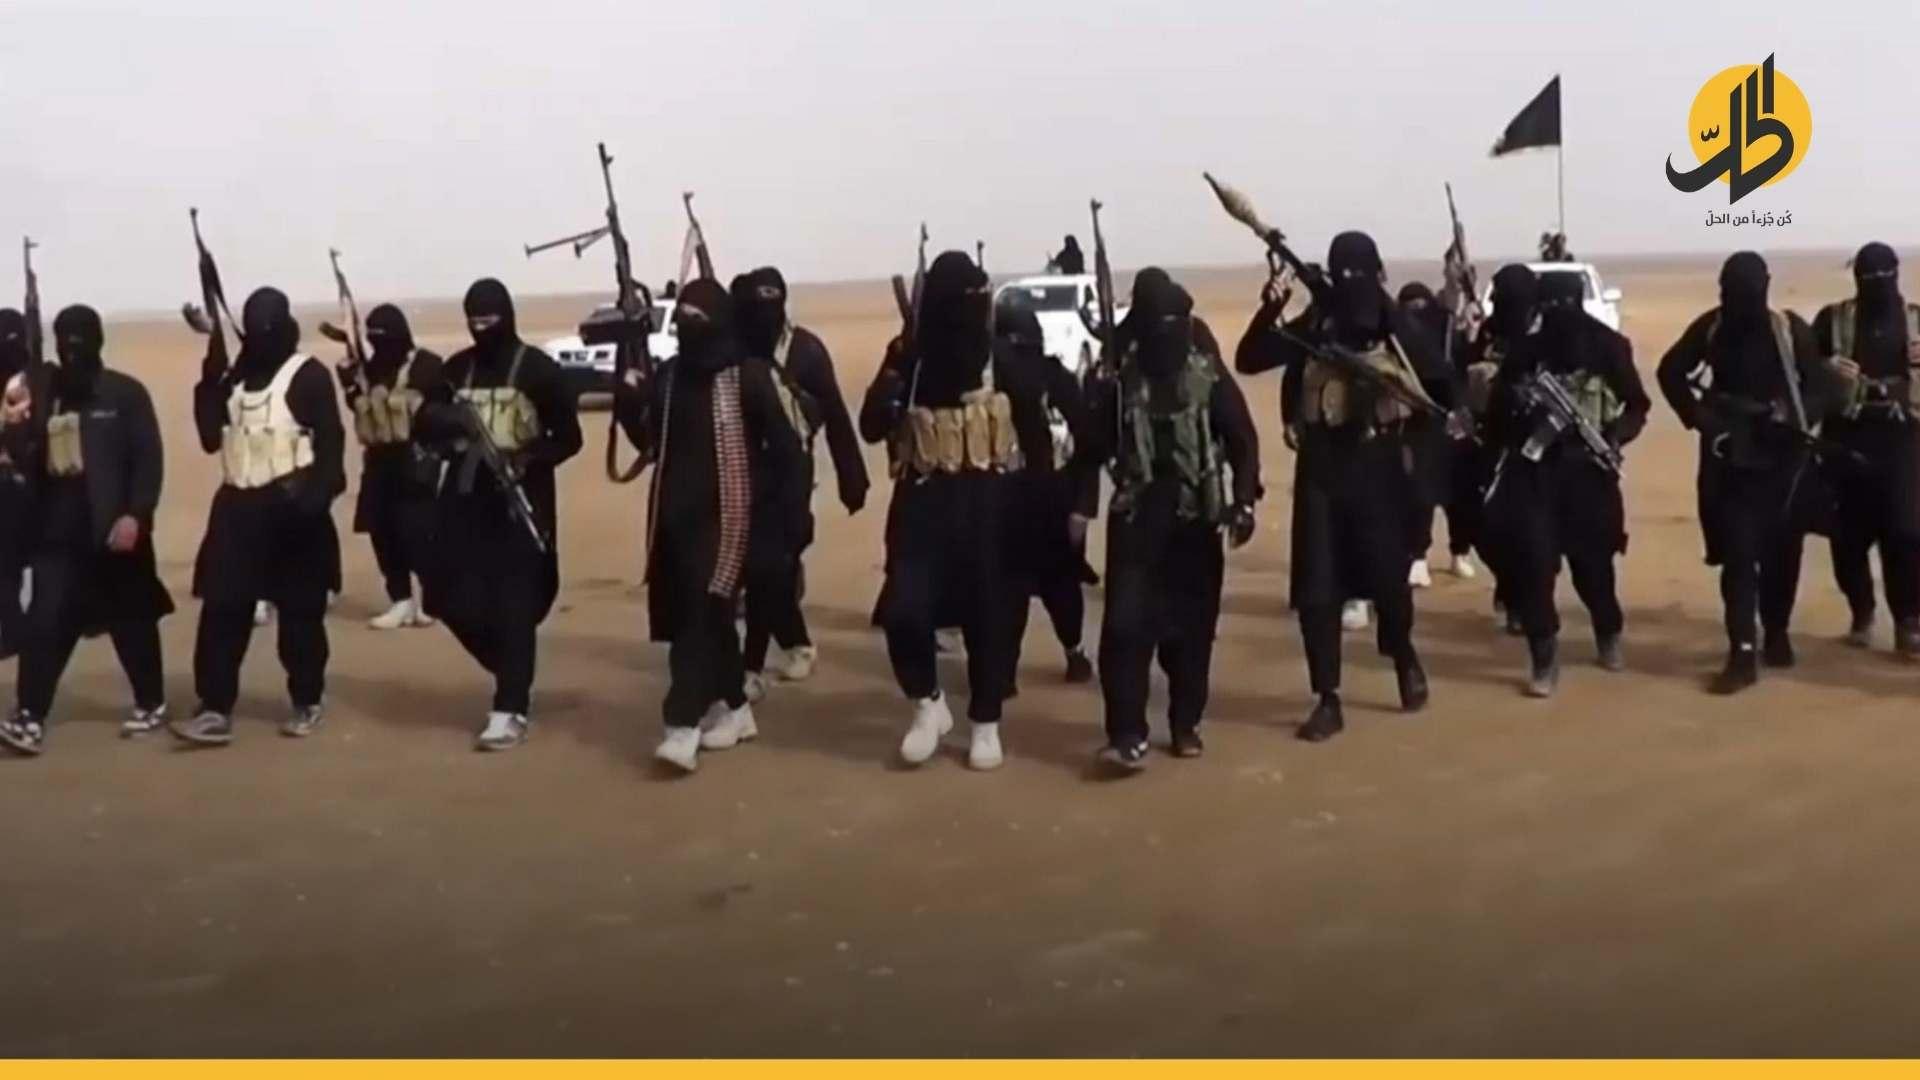 مسؤول مغربي: أكثر من 1659 مقاتلاً مغربياً في سوريا والعراق